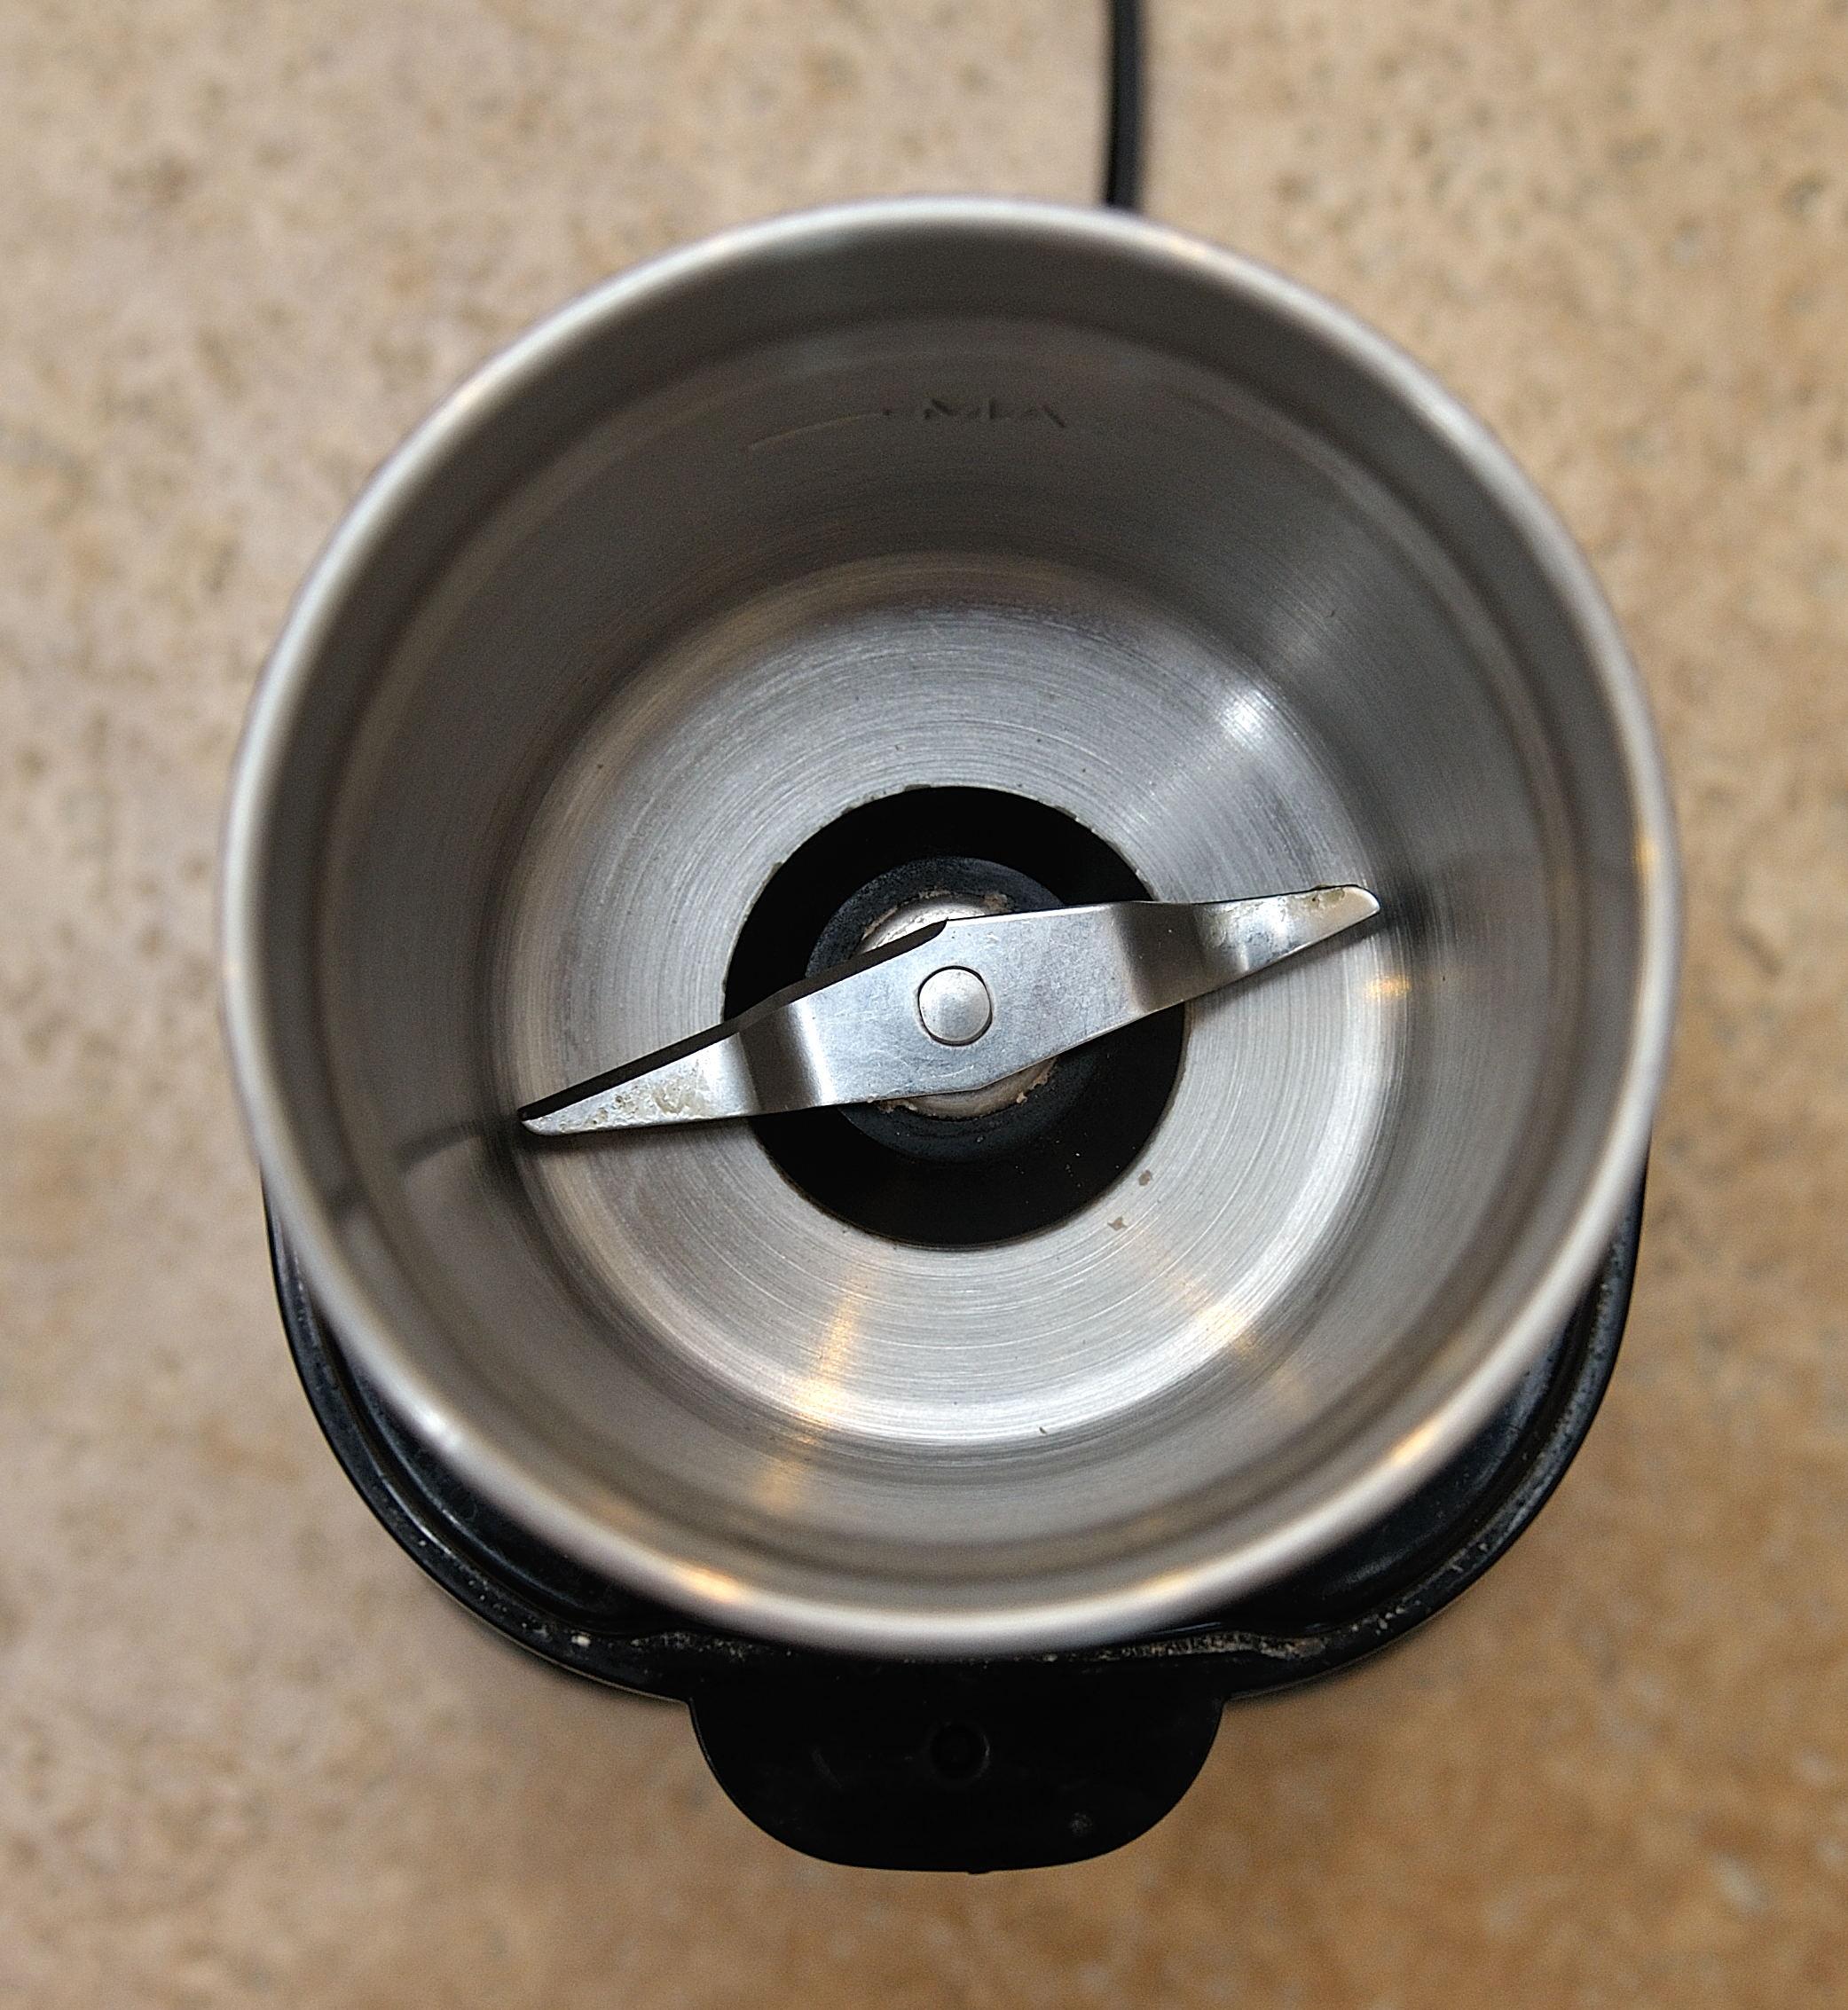 מצטיין איך להשתמש במטחנת תבלינים/קפה במטבח הביתי, ולמה? YY-42